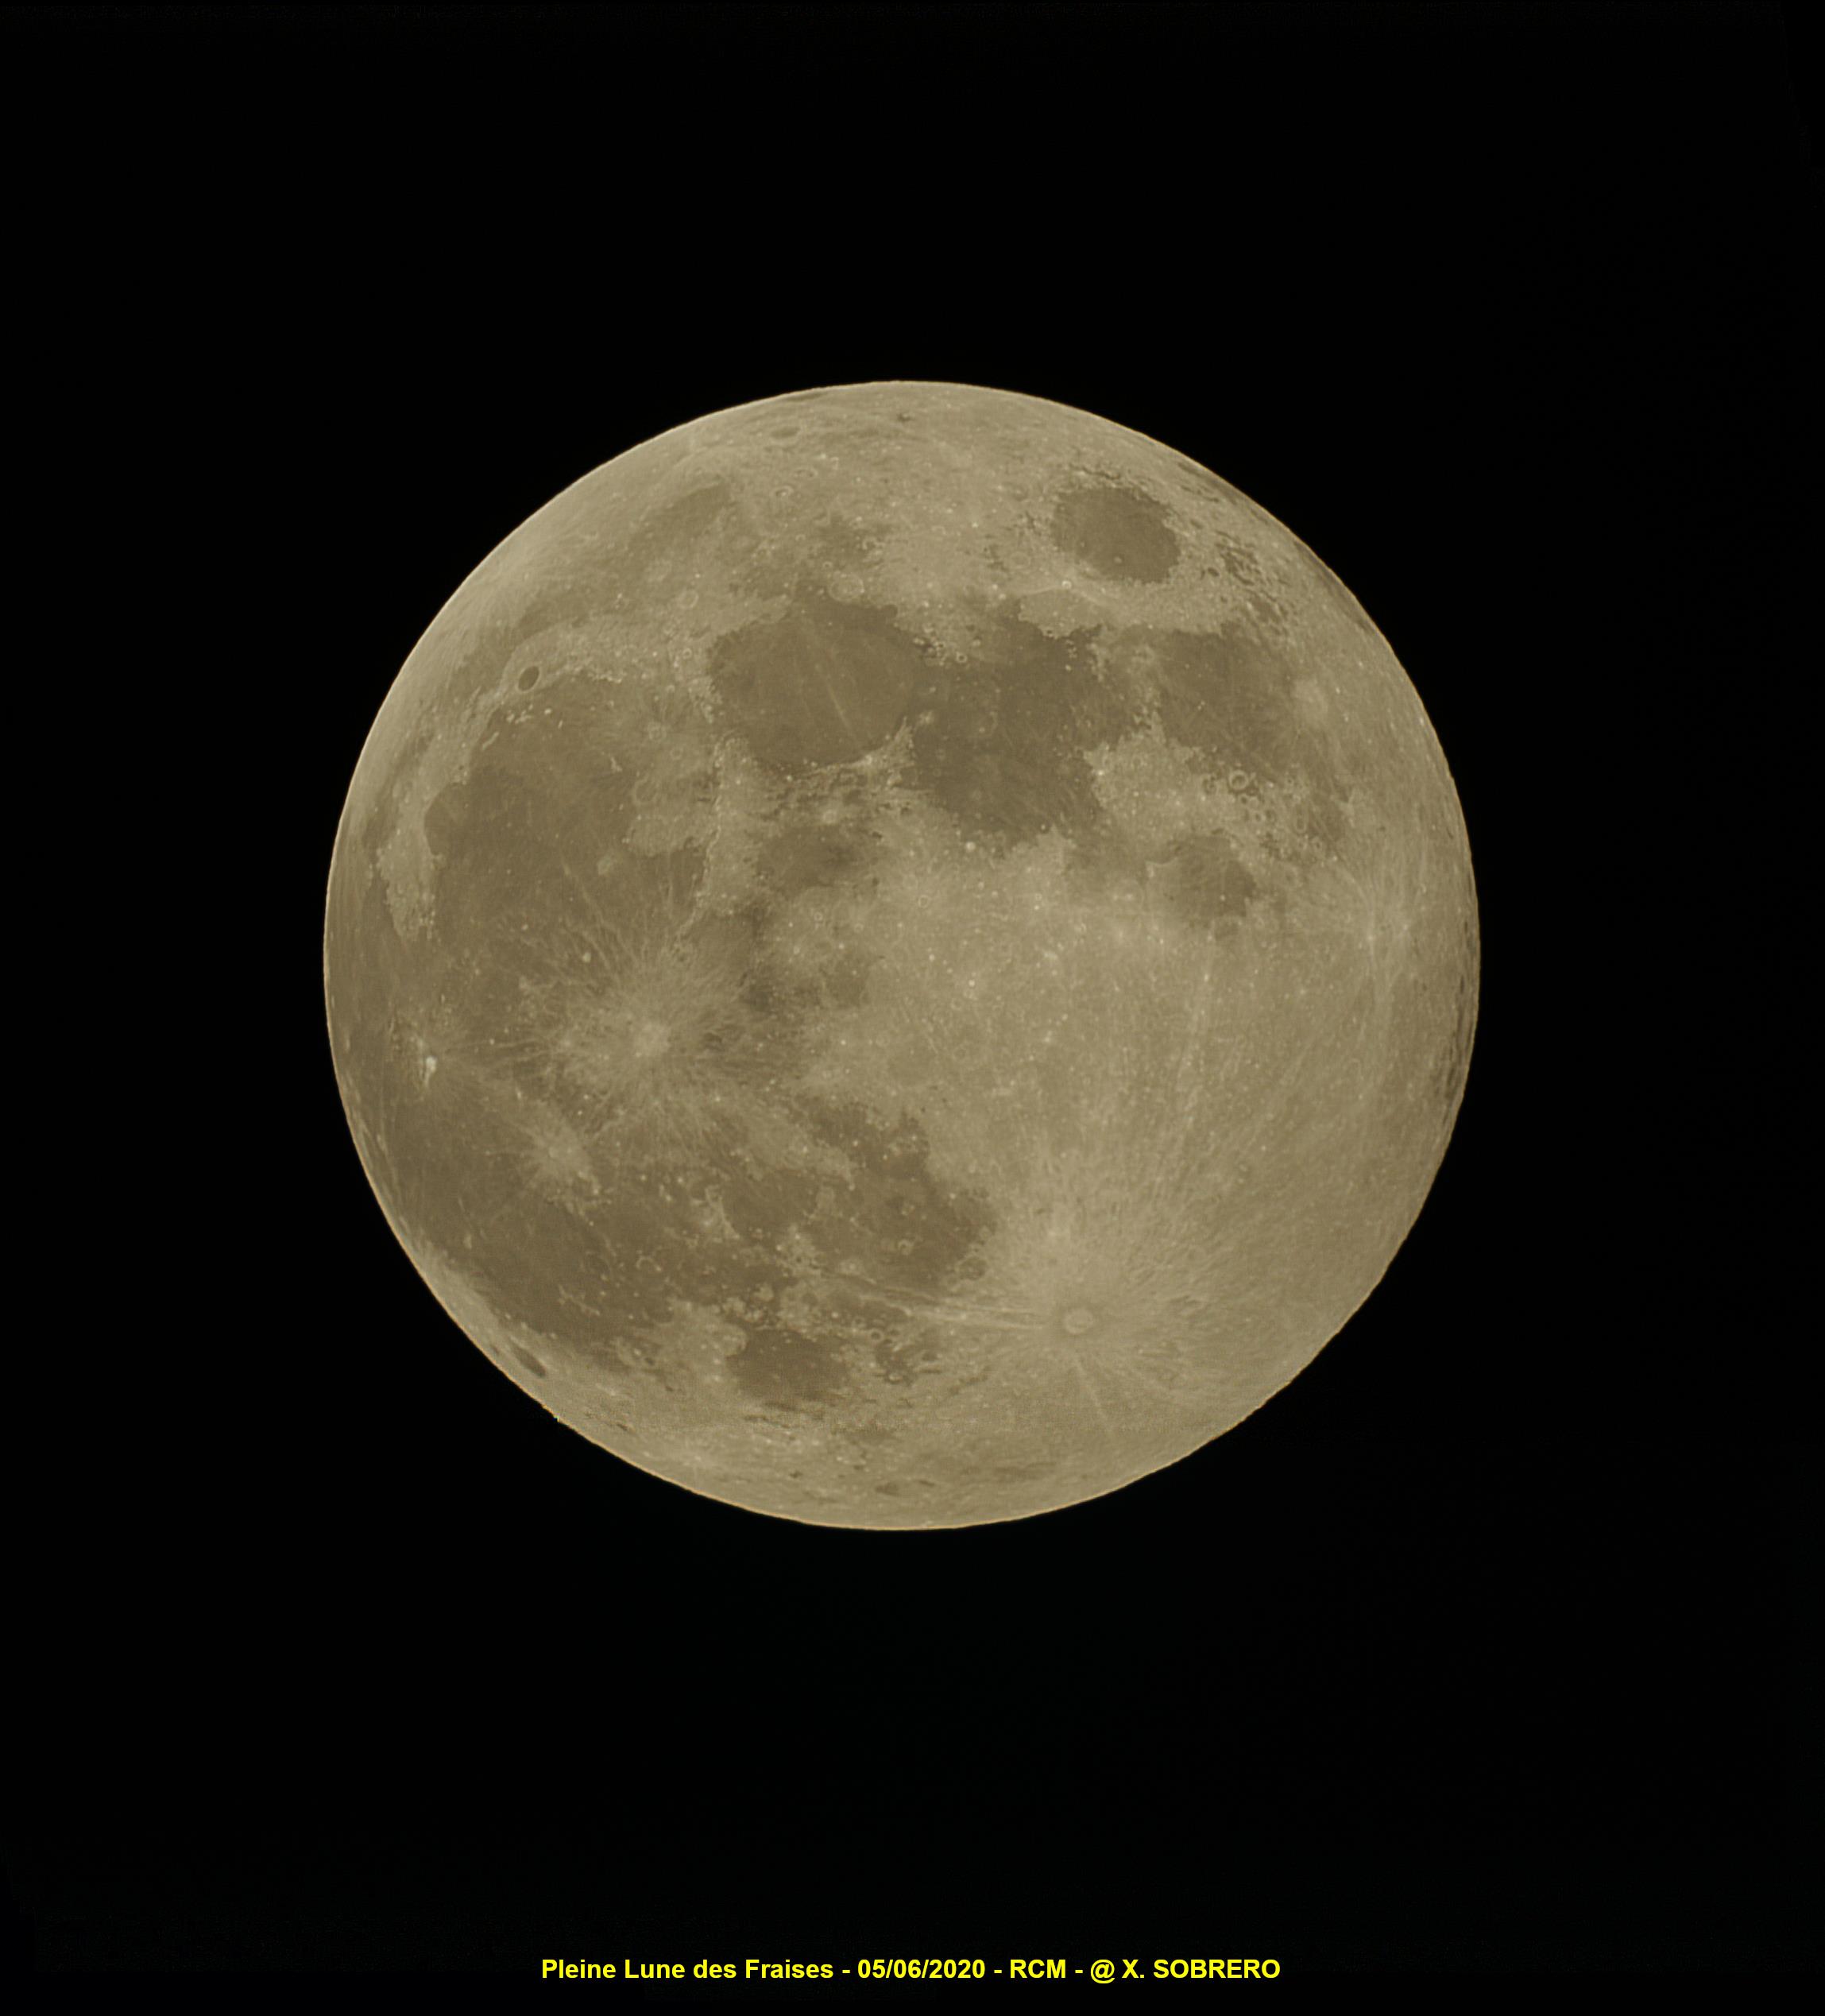 Pleine Lune des Fraises 05/06/2020